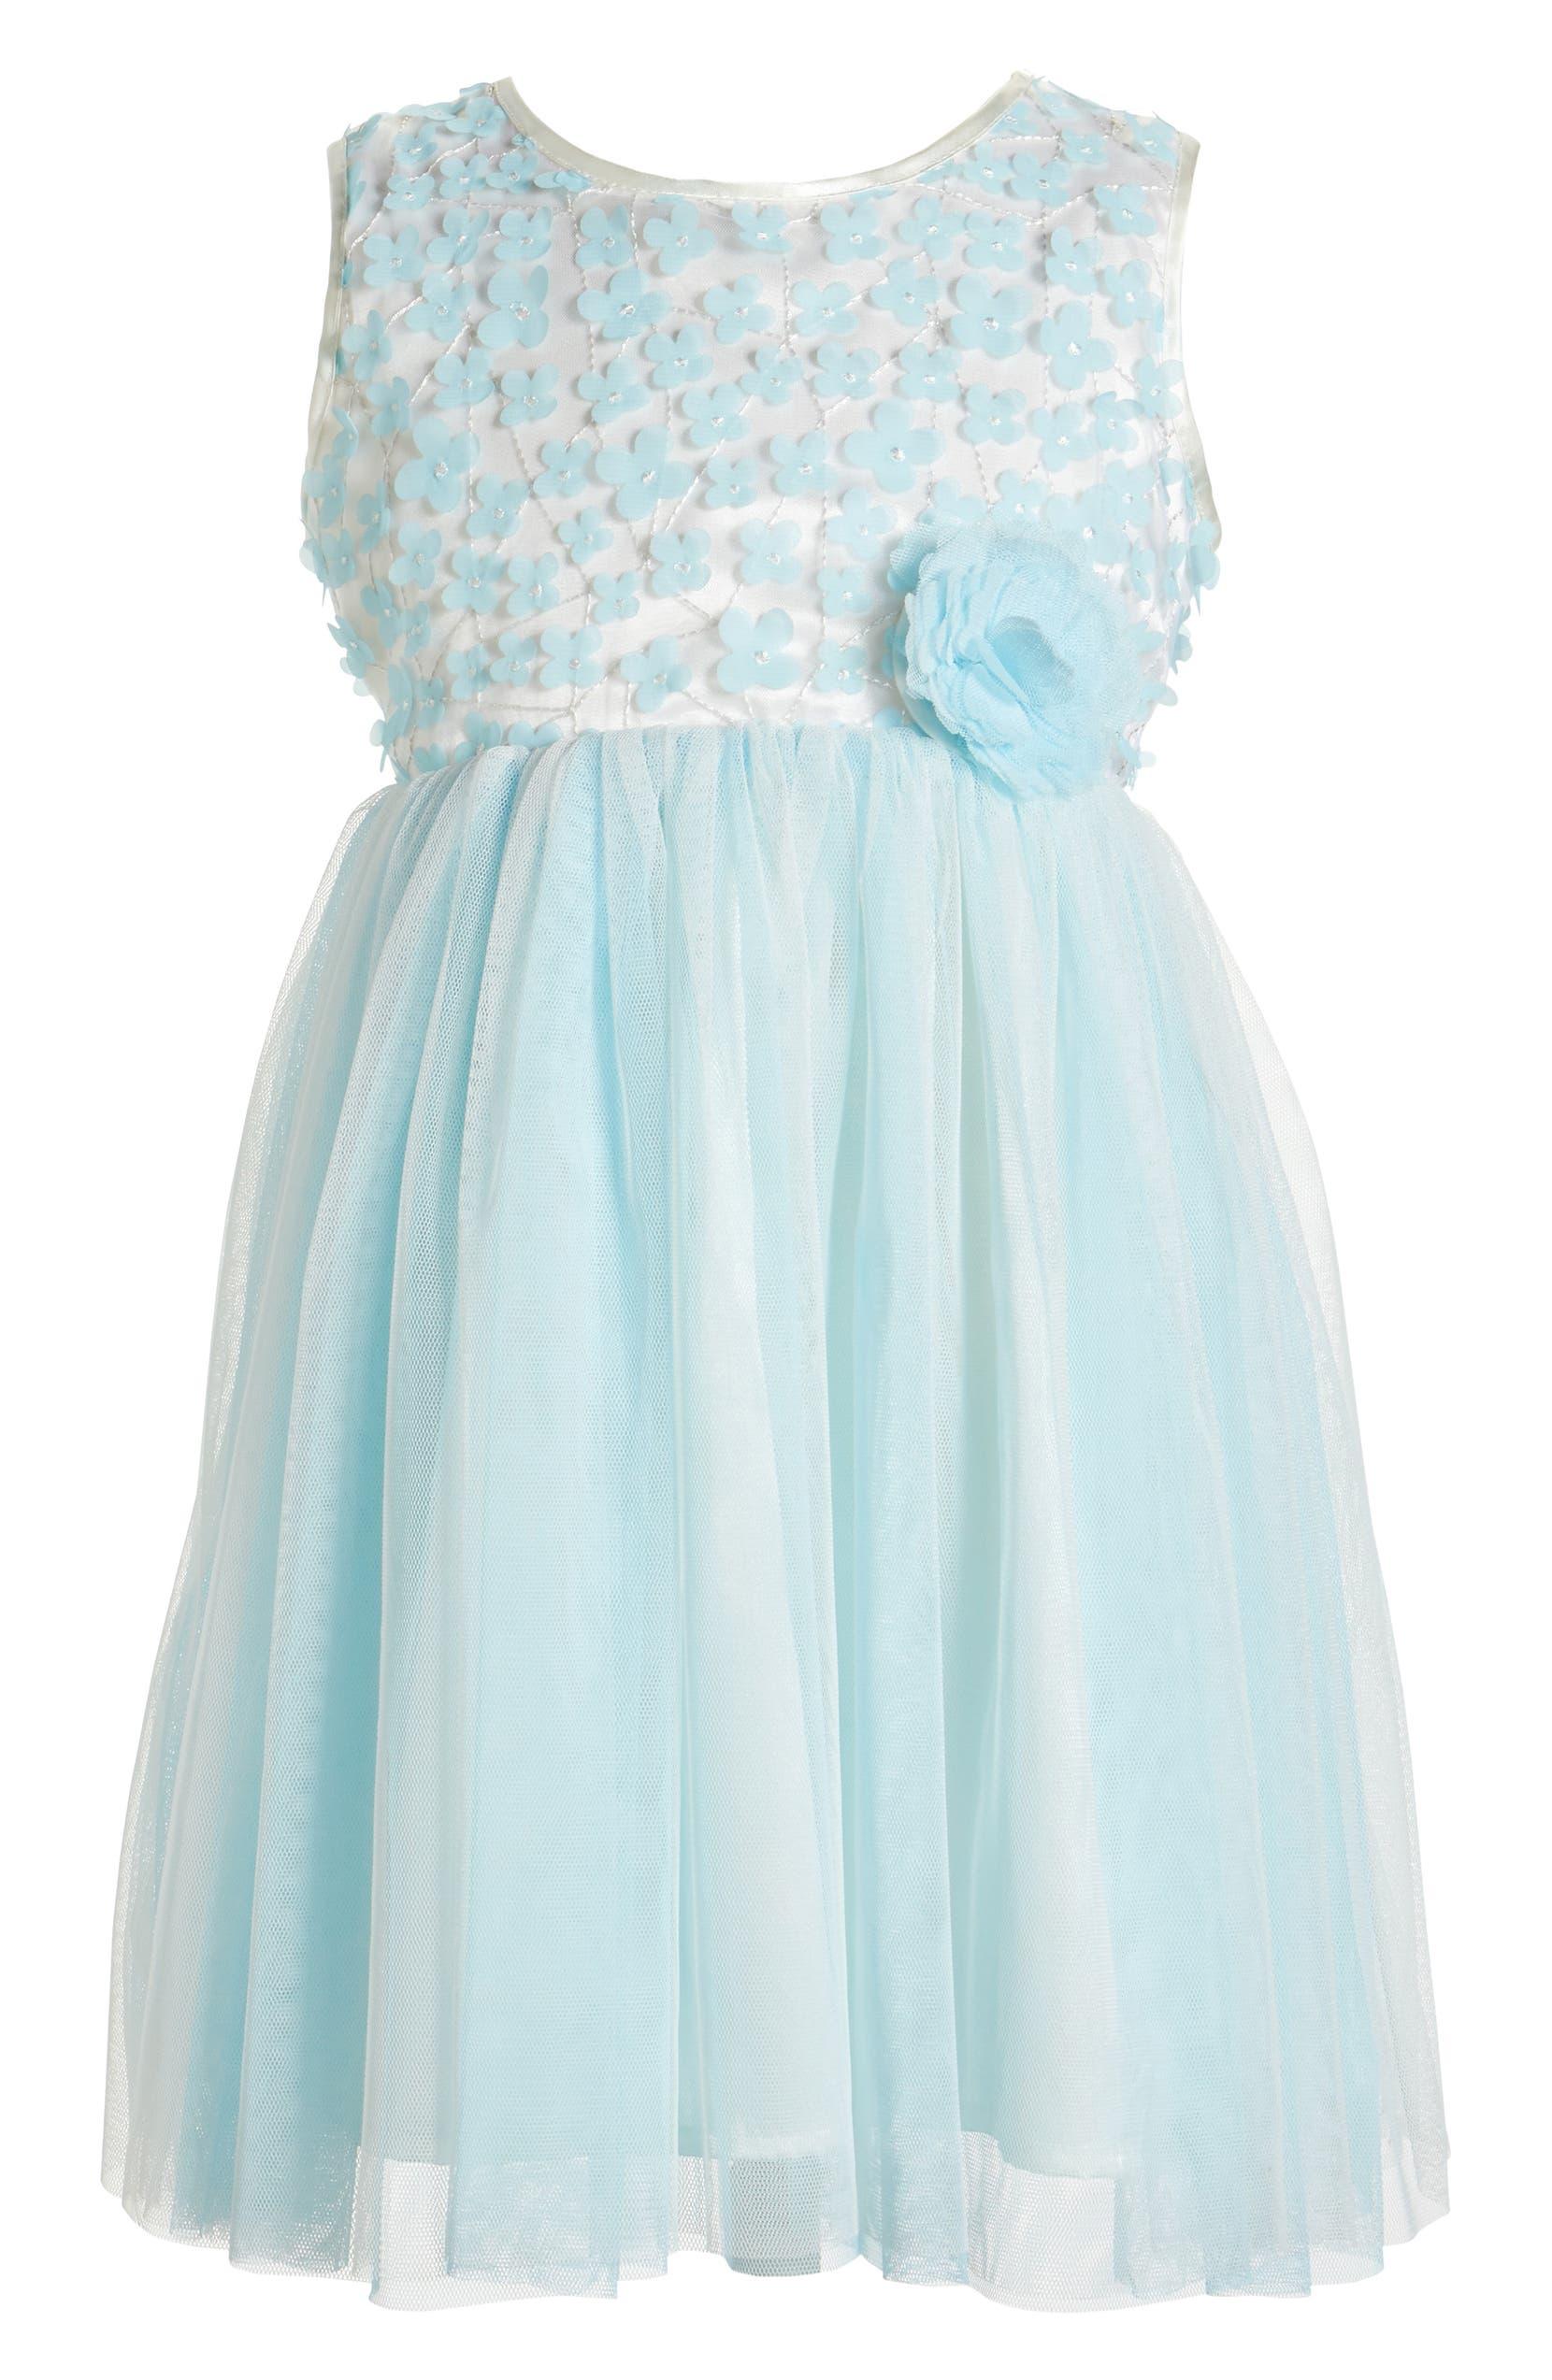 eaab1869a Popatu Sleeveless Floral Dress (Toddler Girls, Little Girls & Big Girls) |  Nordstrom